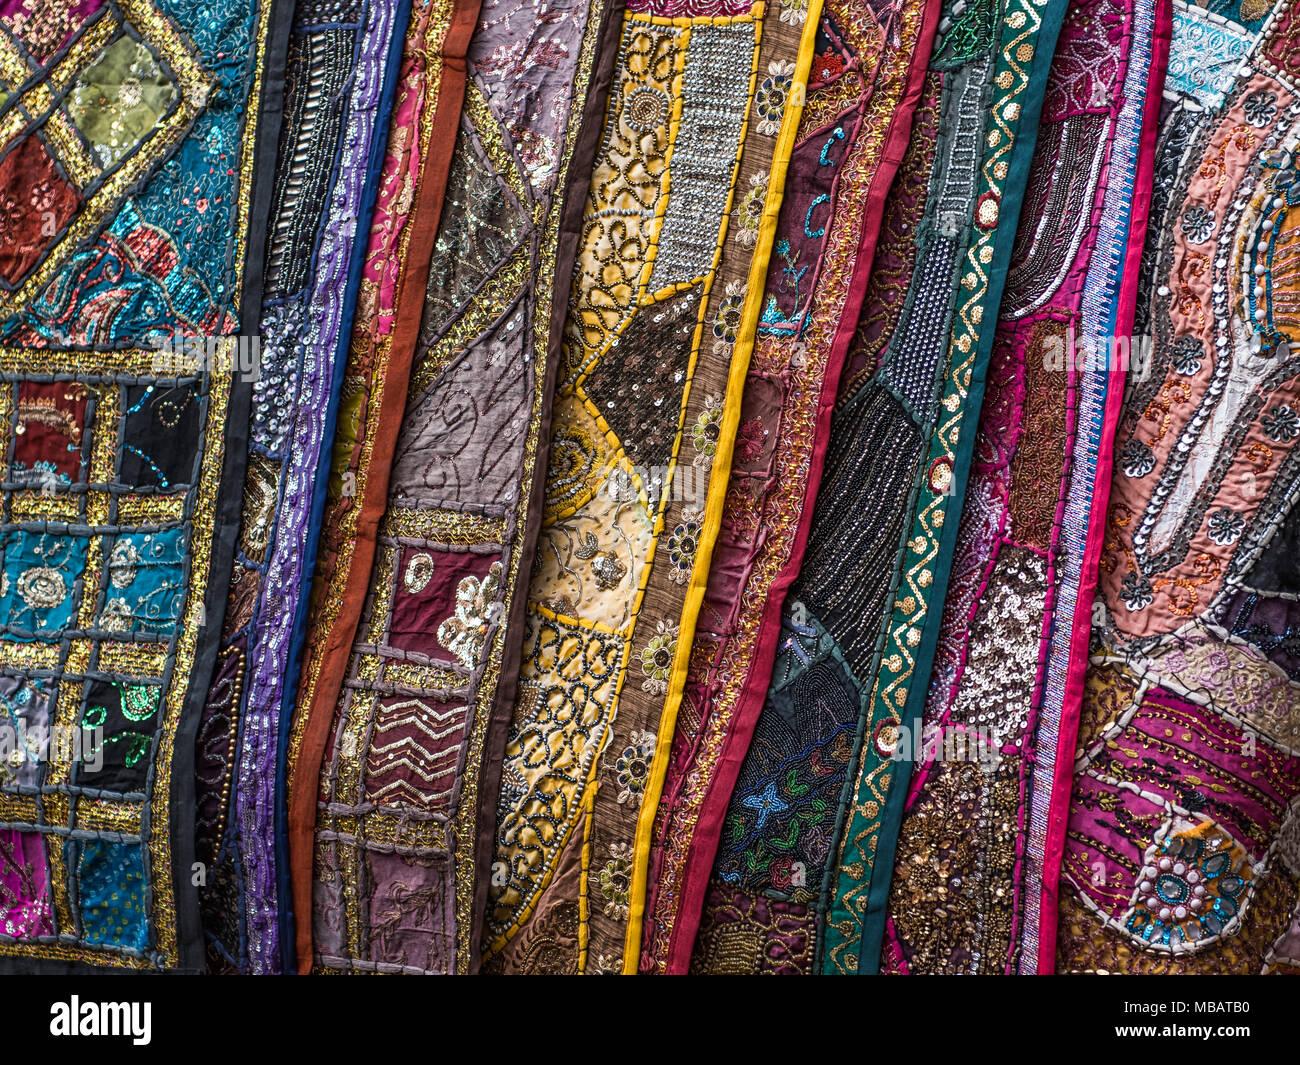 Lebendige handgearbeitete tapisserien h ngen von einer - Bilder an die wand hangen ...